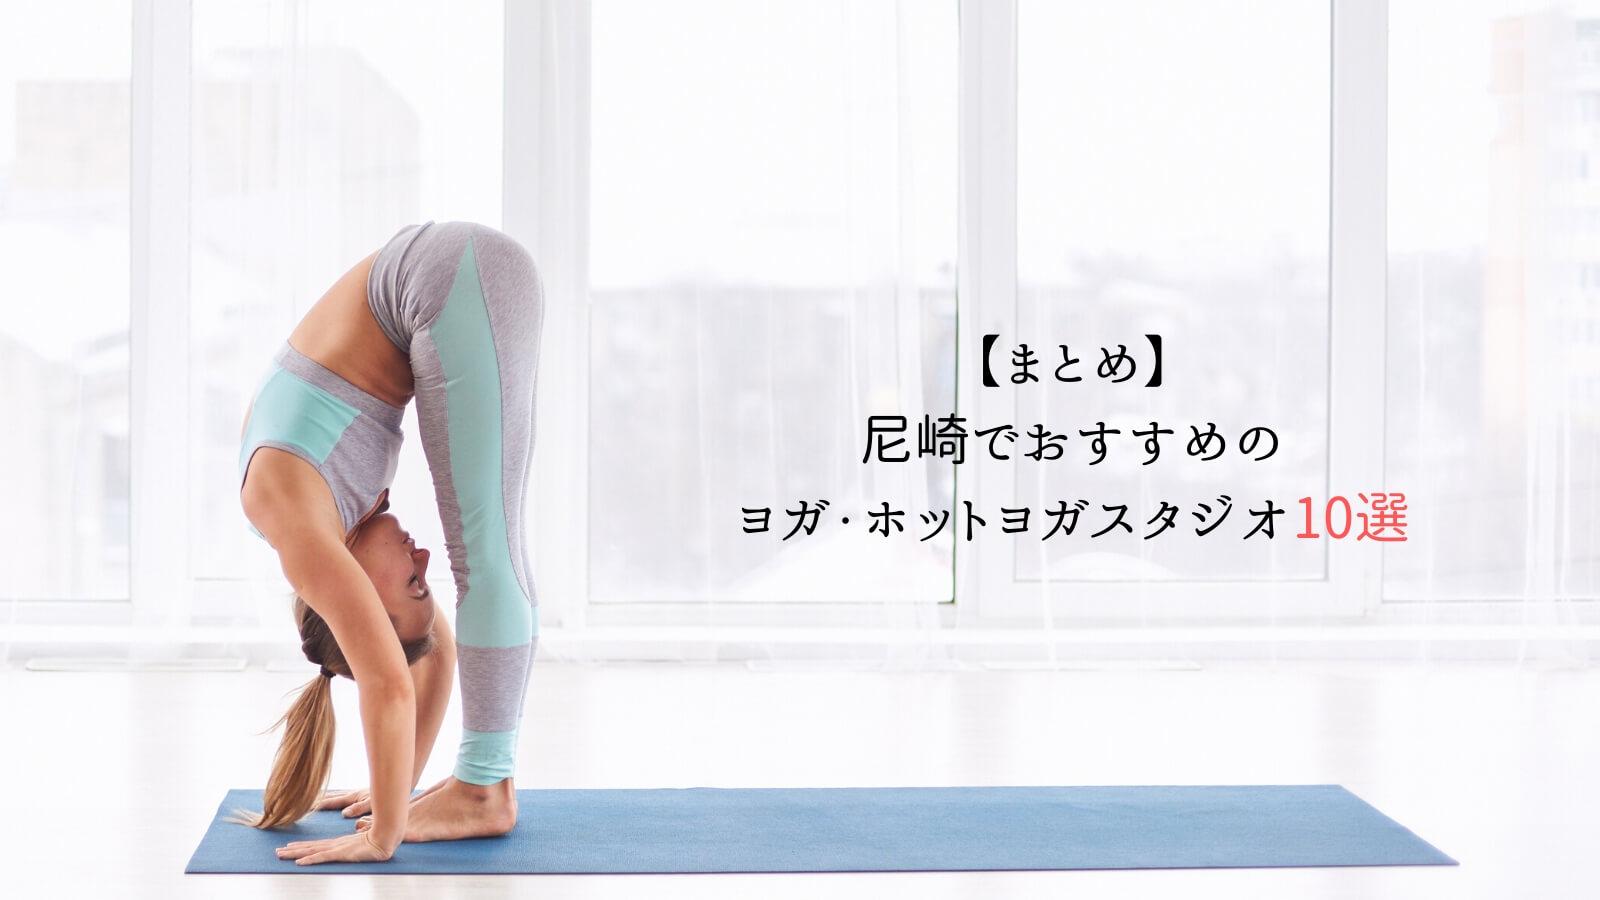 【まとめ】尼崎でおすすめのヨガ・ホットヨガスタジオ10選